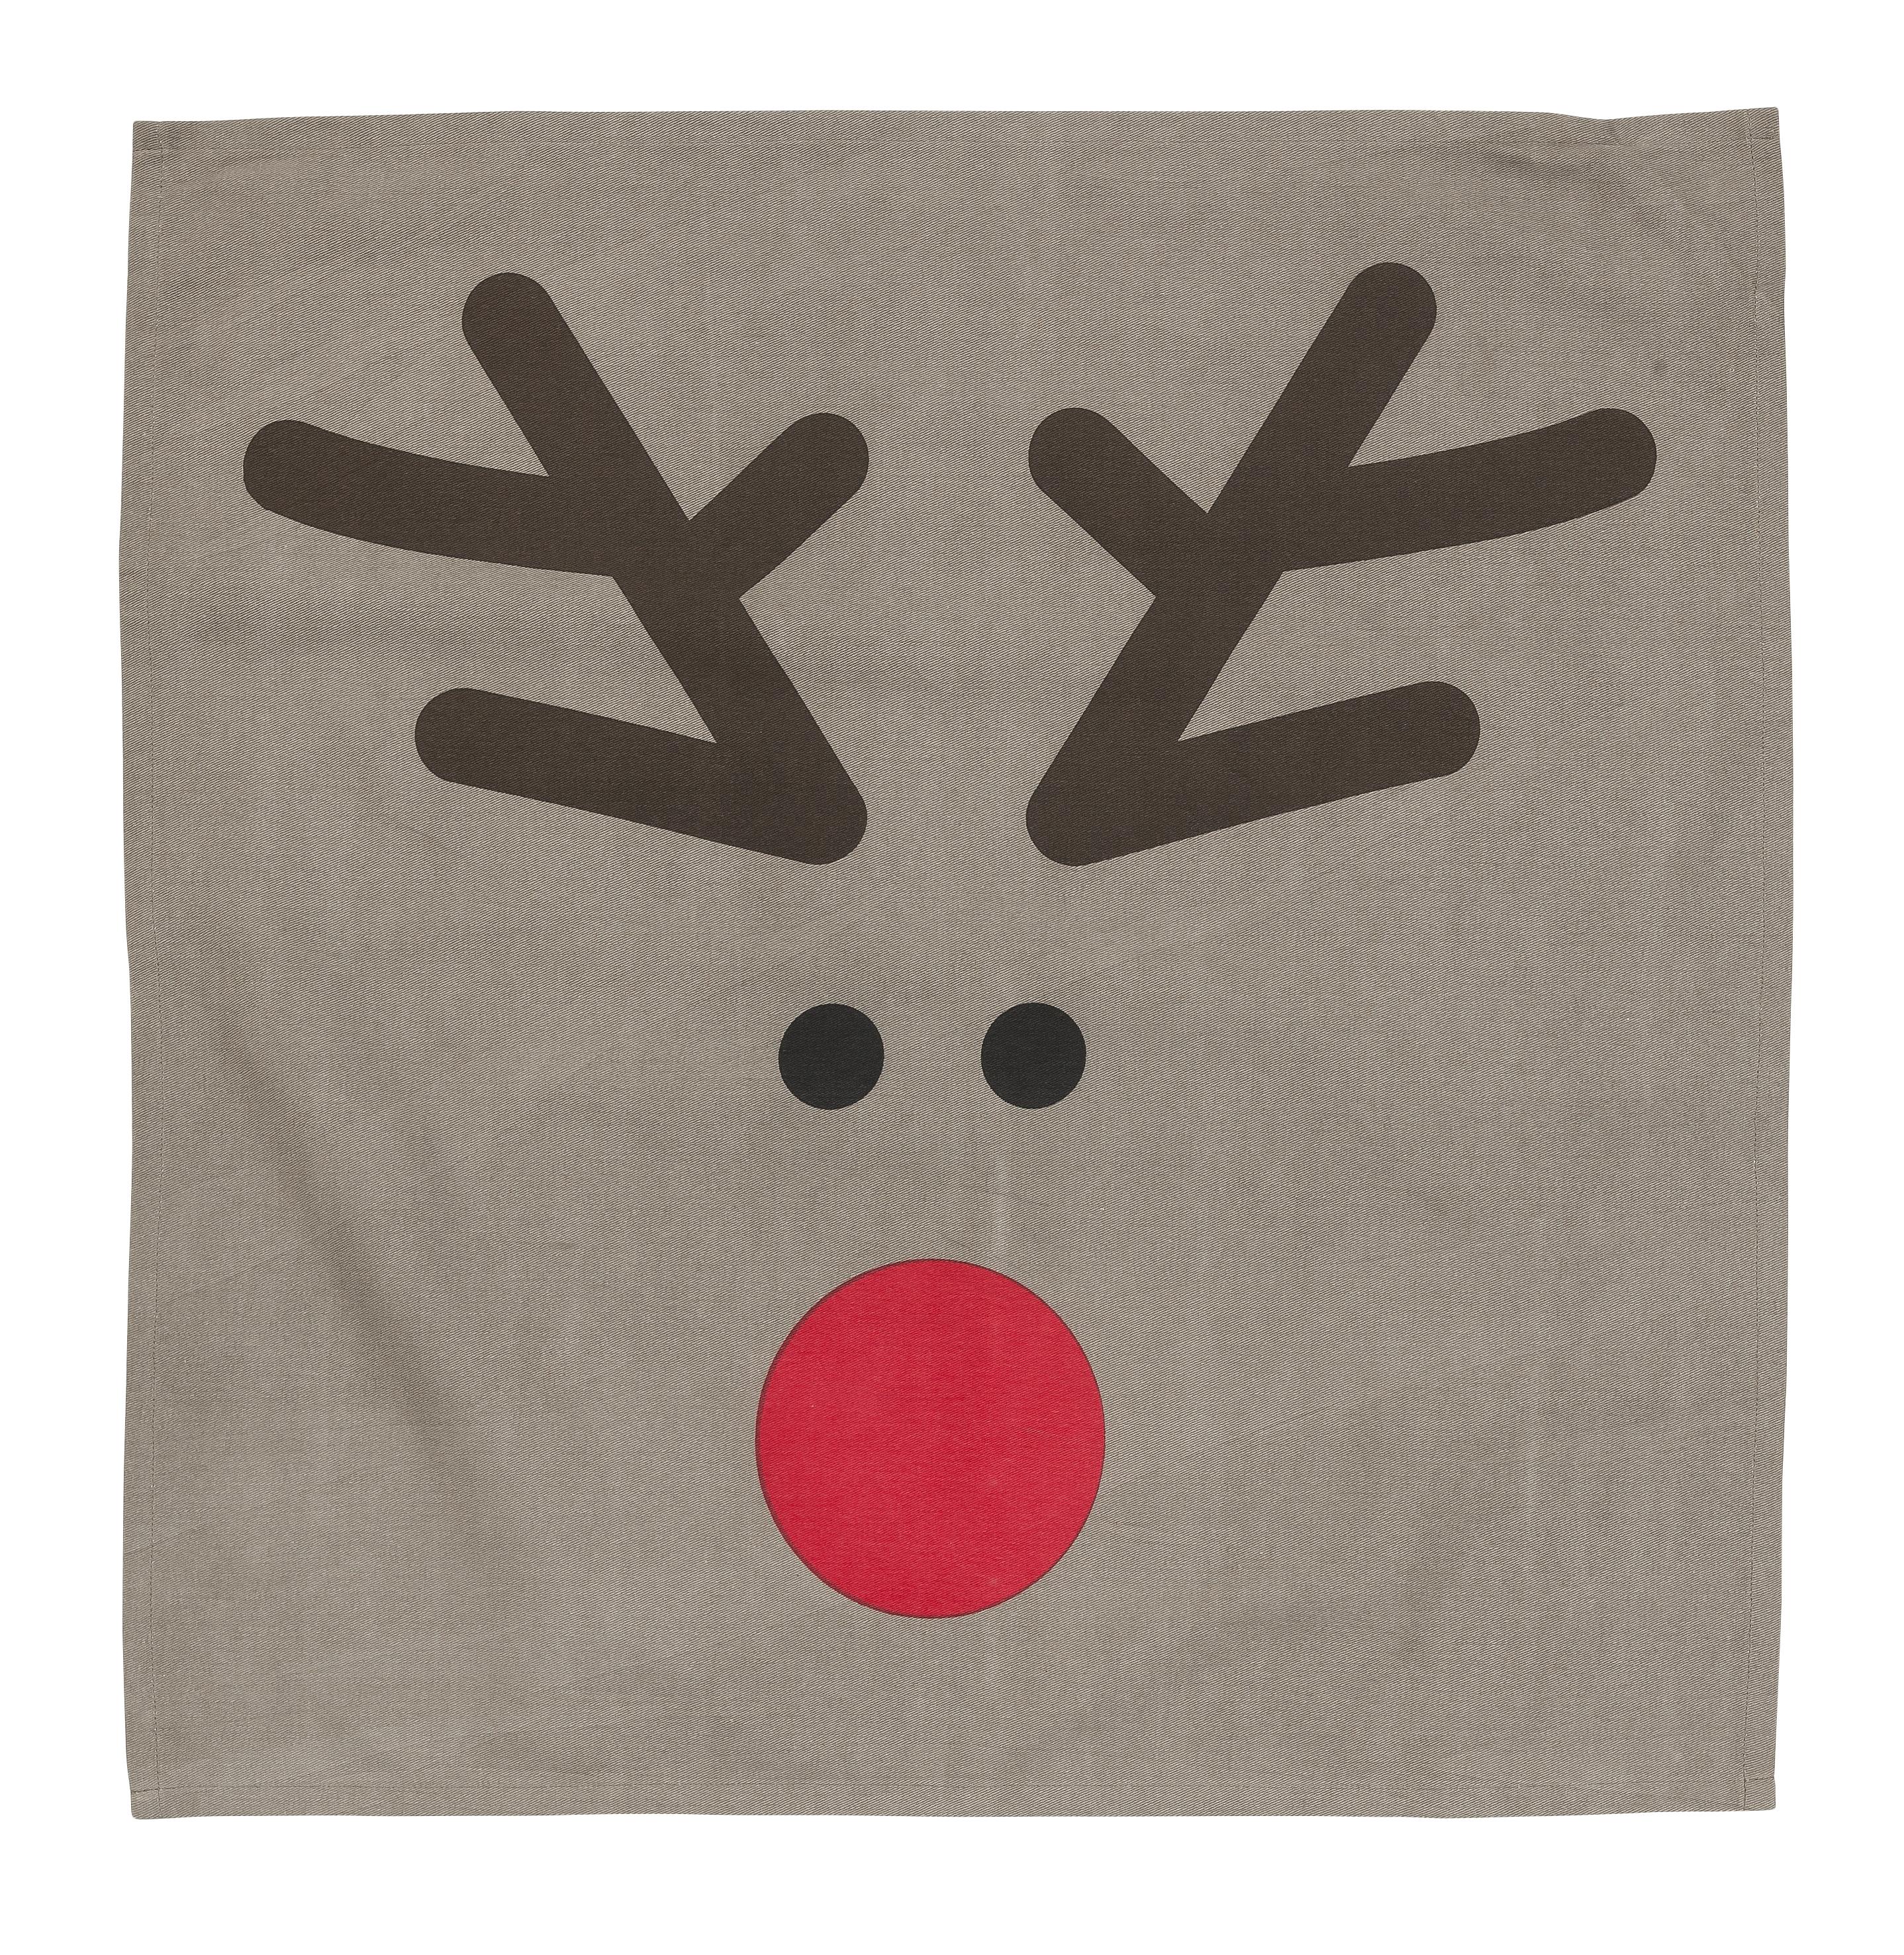 Hema Keuken Accessoires : Hema Kerst in de keuken Zazazoo nl Beautyblog met een